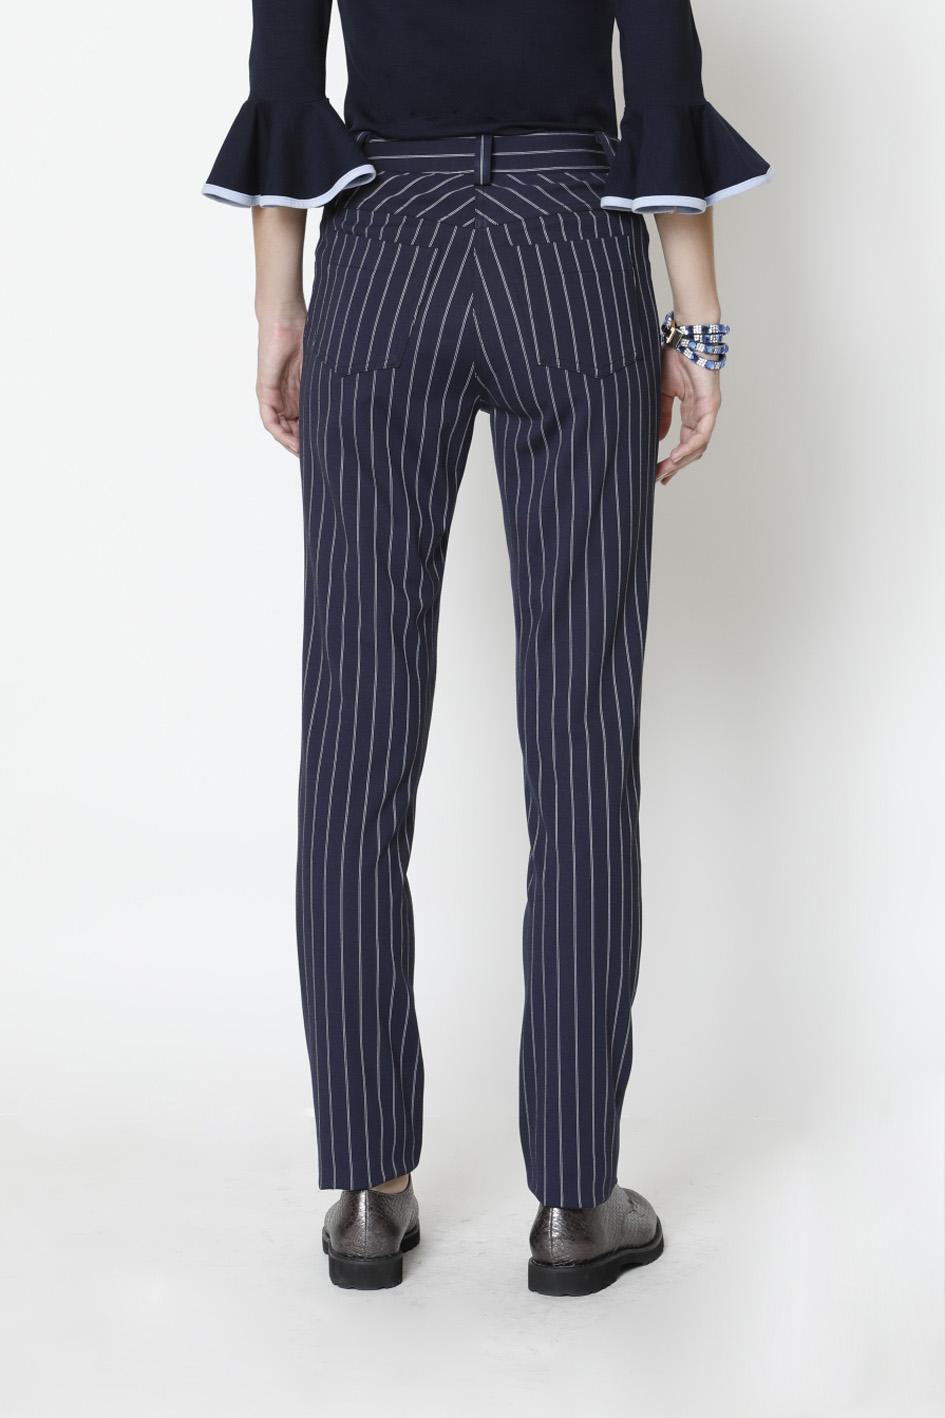 f9da28ecc0d7 Παντελόνι Ριγέ - Maxin Fashion